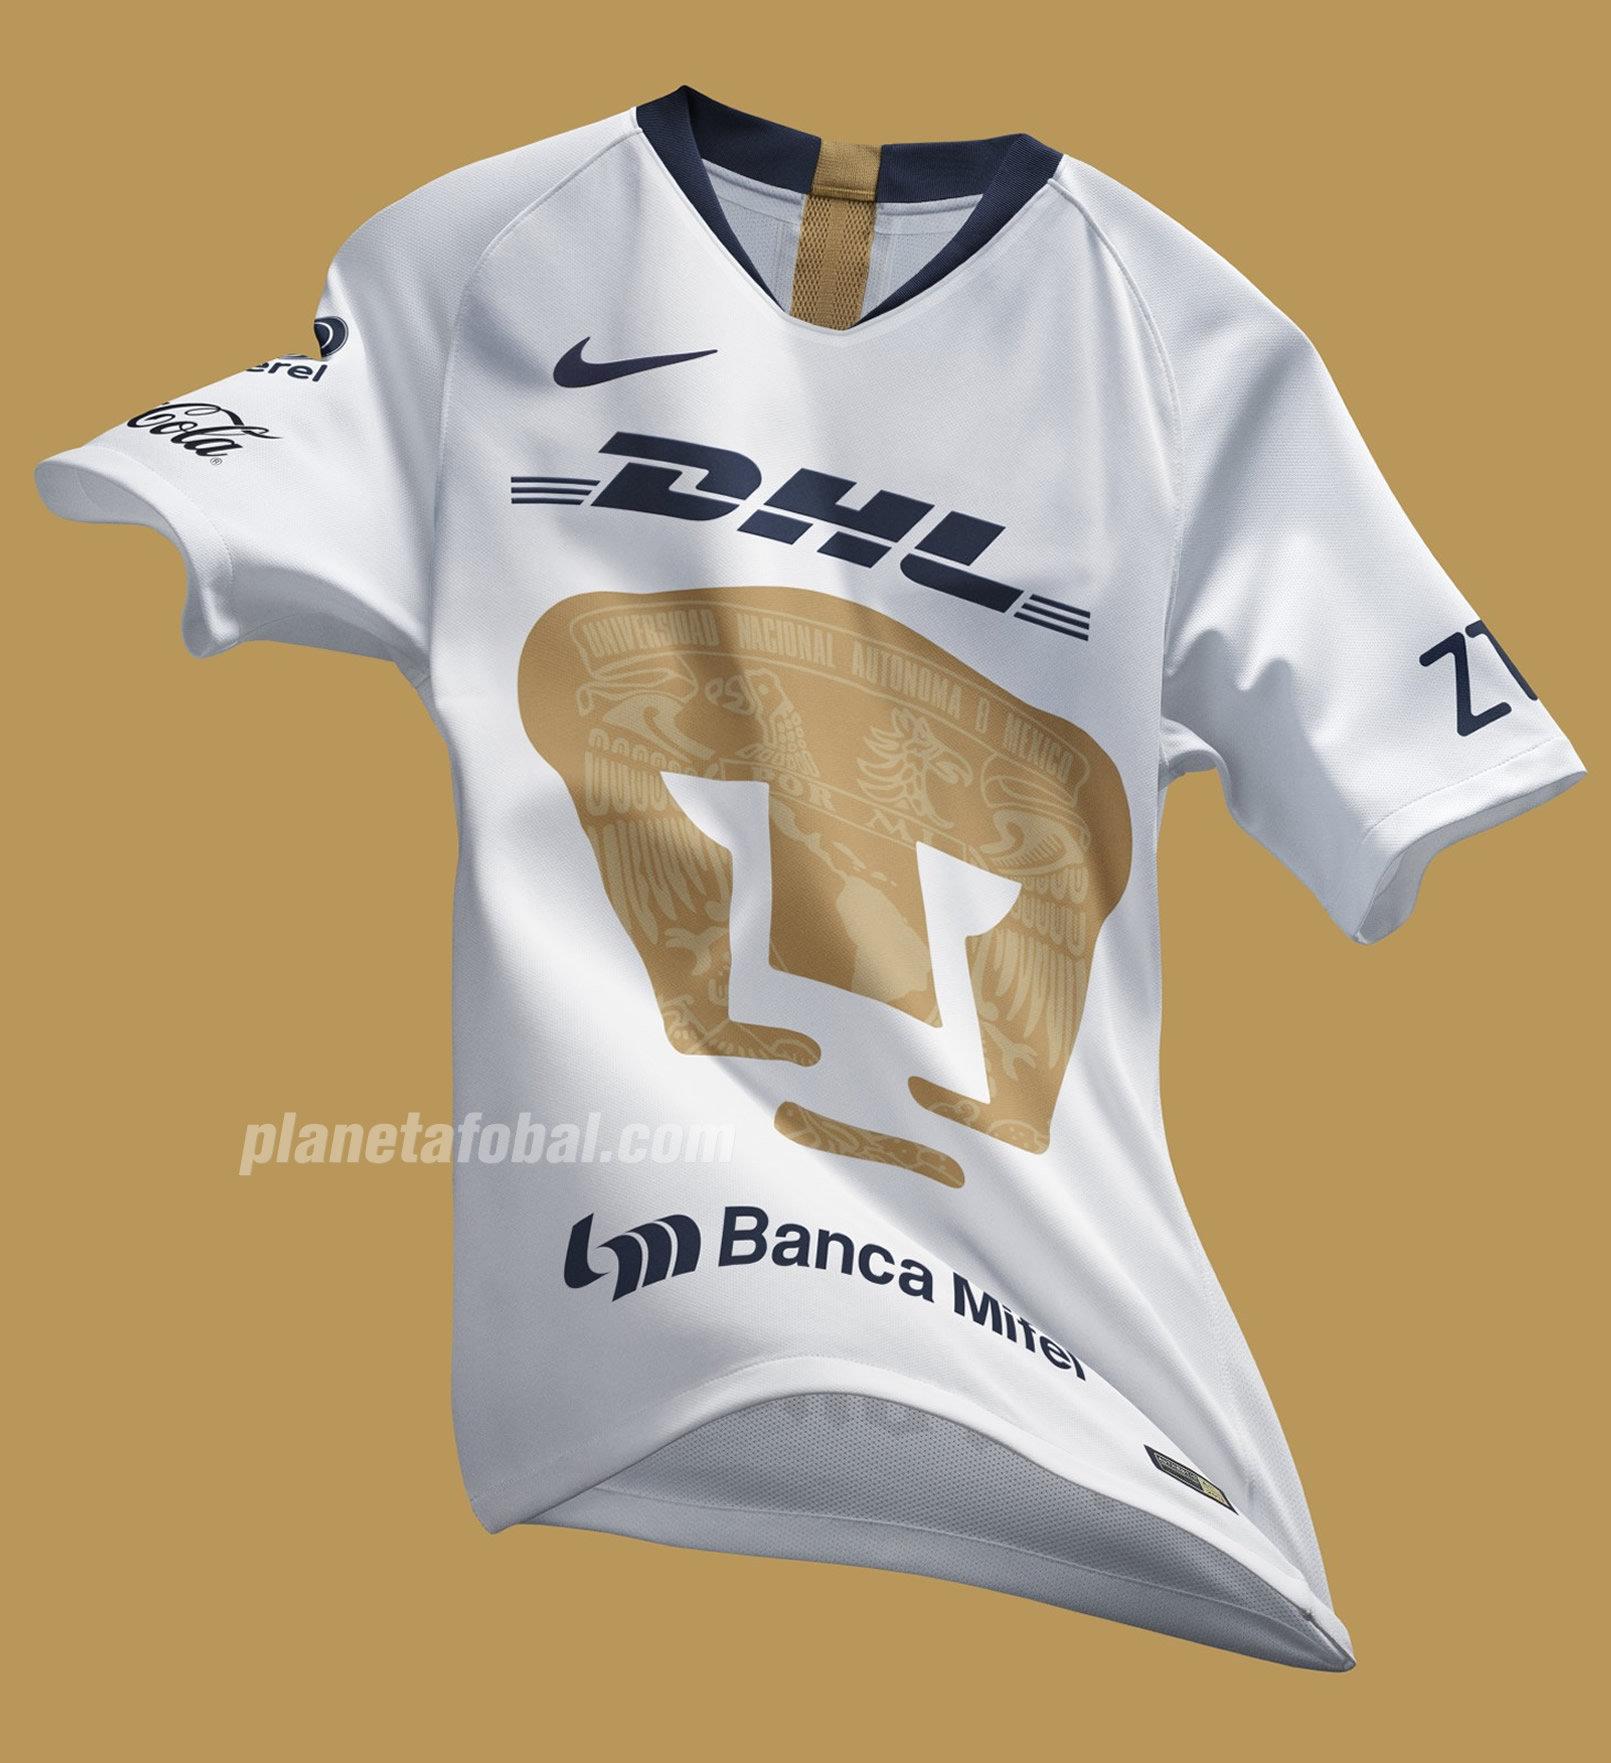 b99269617ca30 Camisetas Nike de los Pumas de la UNAM 2018 2019